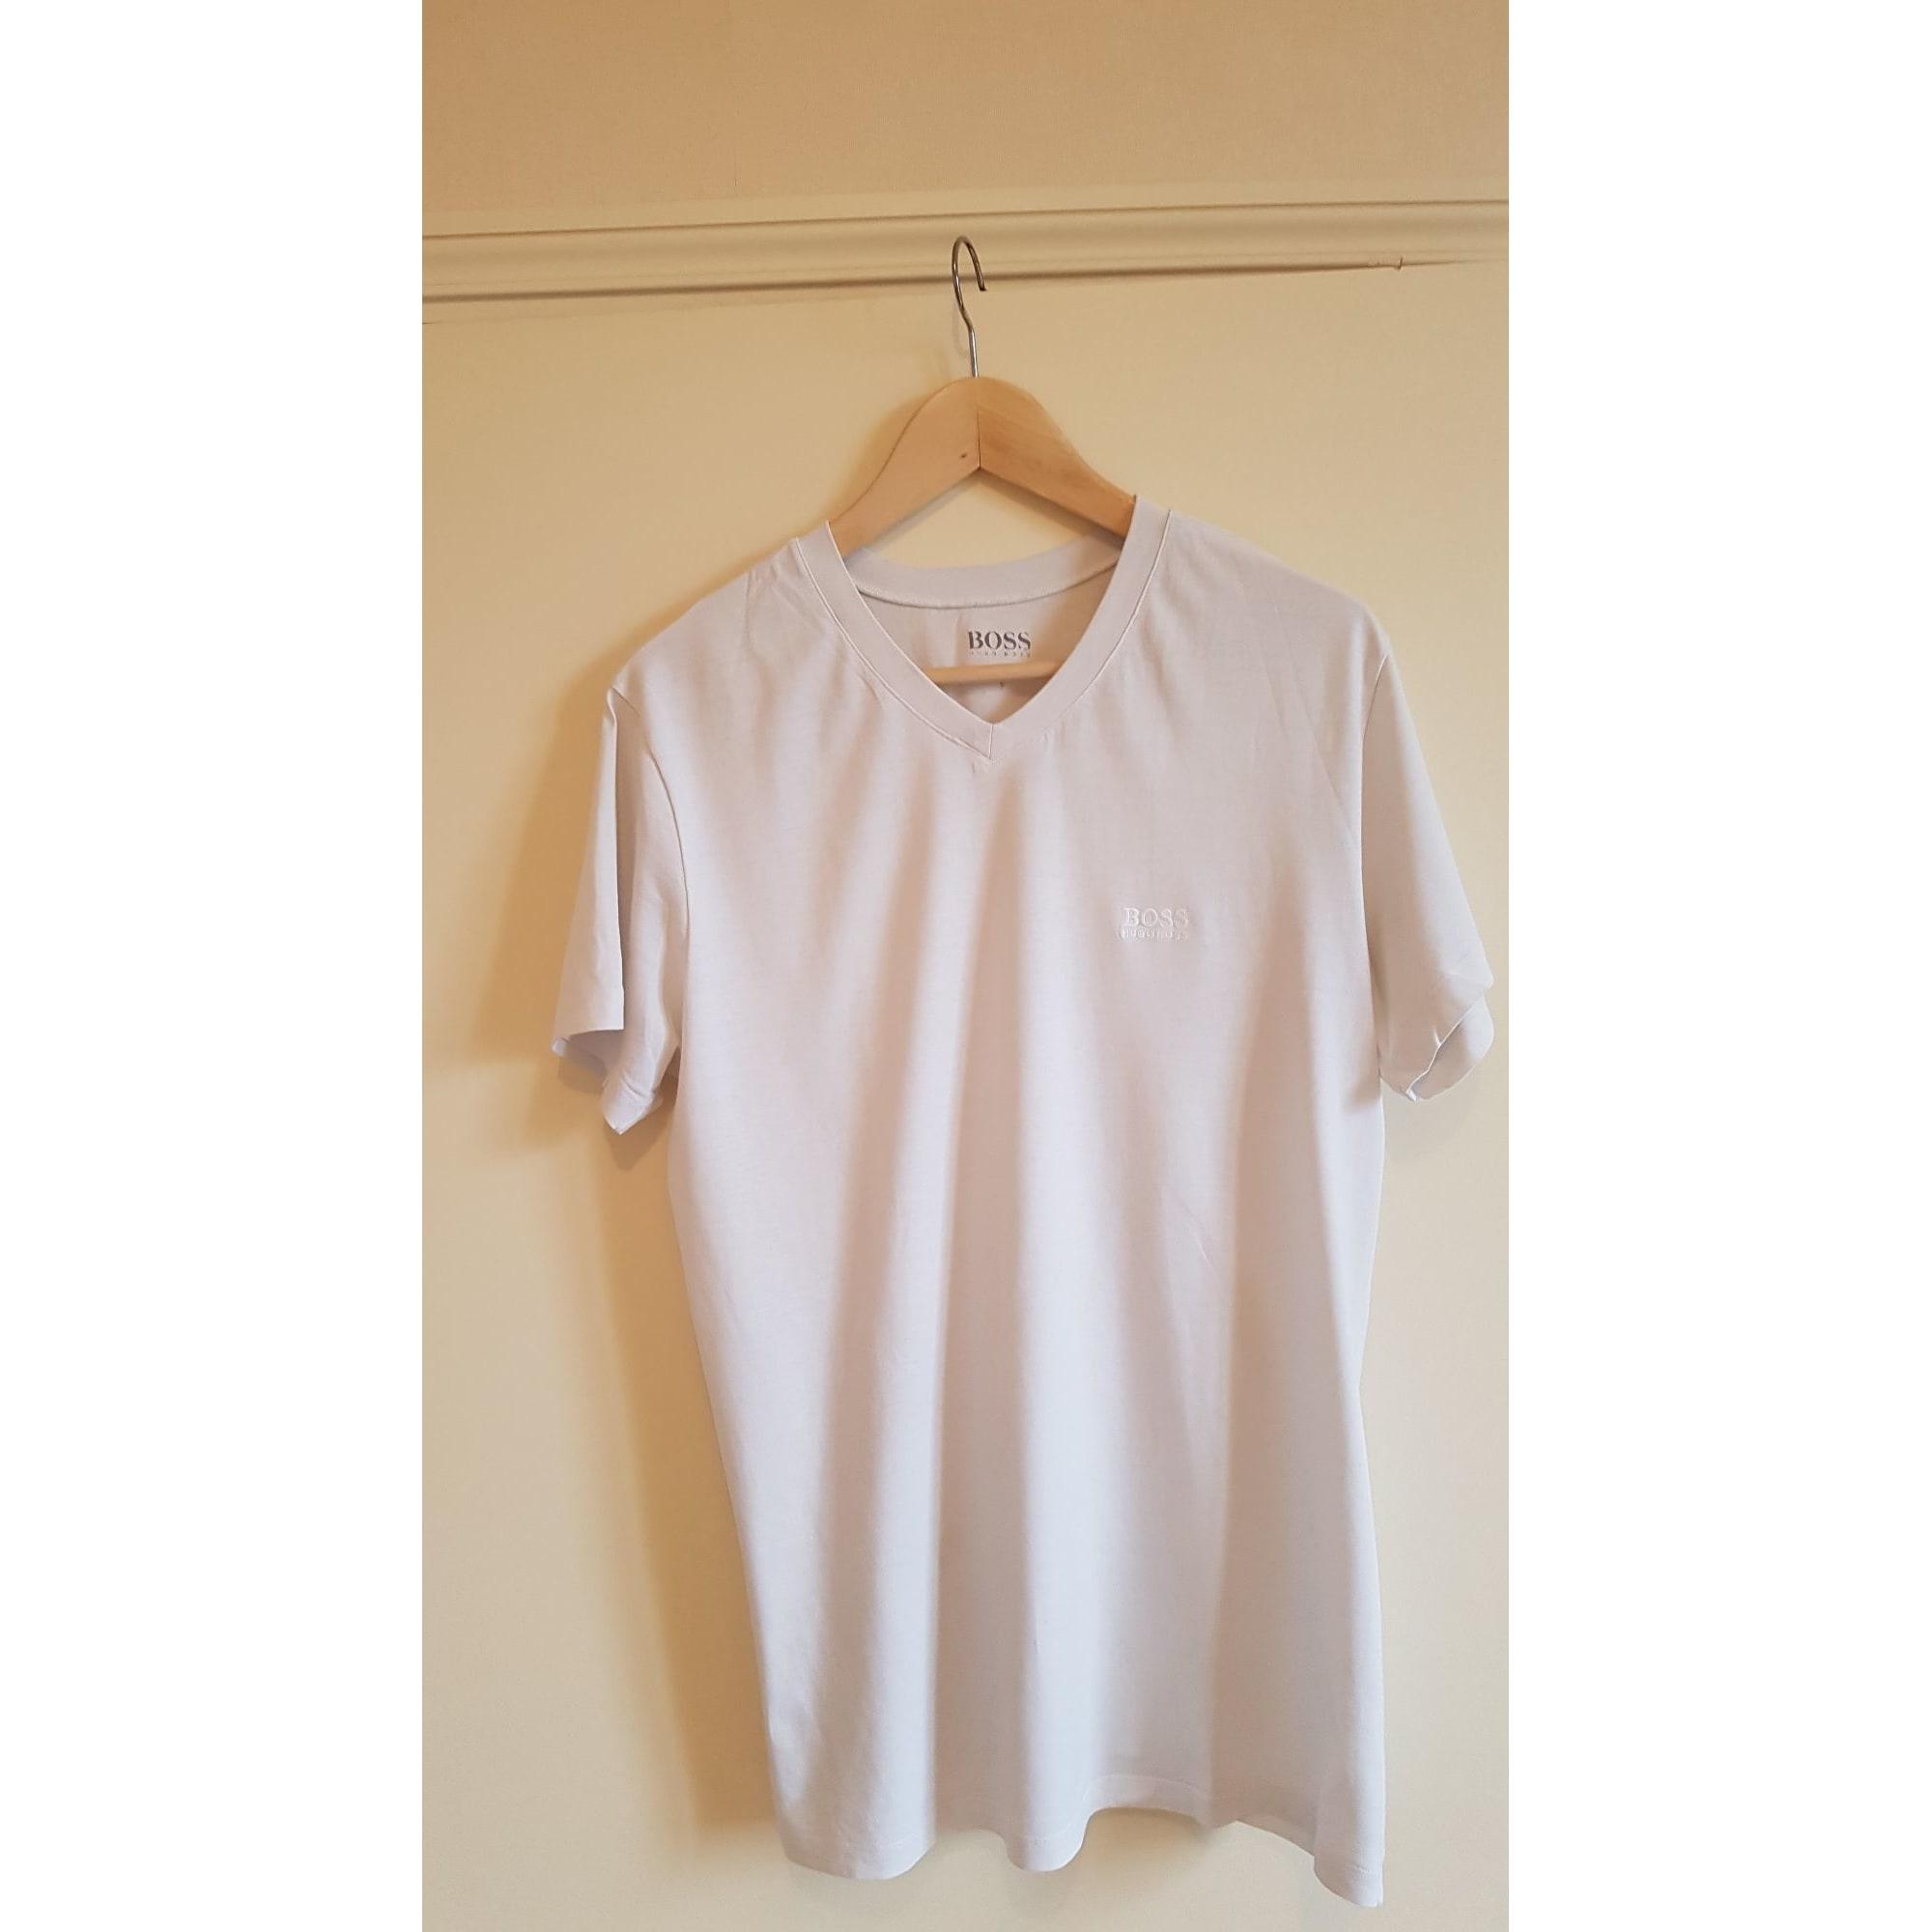 836d5905165 Tee-shirt HUGO BOSS 1 (S) blanc - 8014020